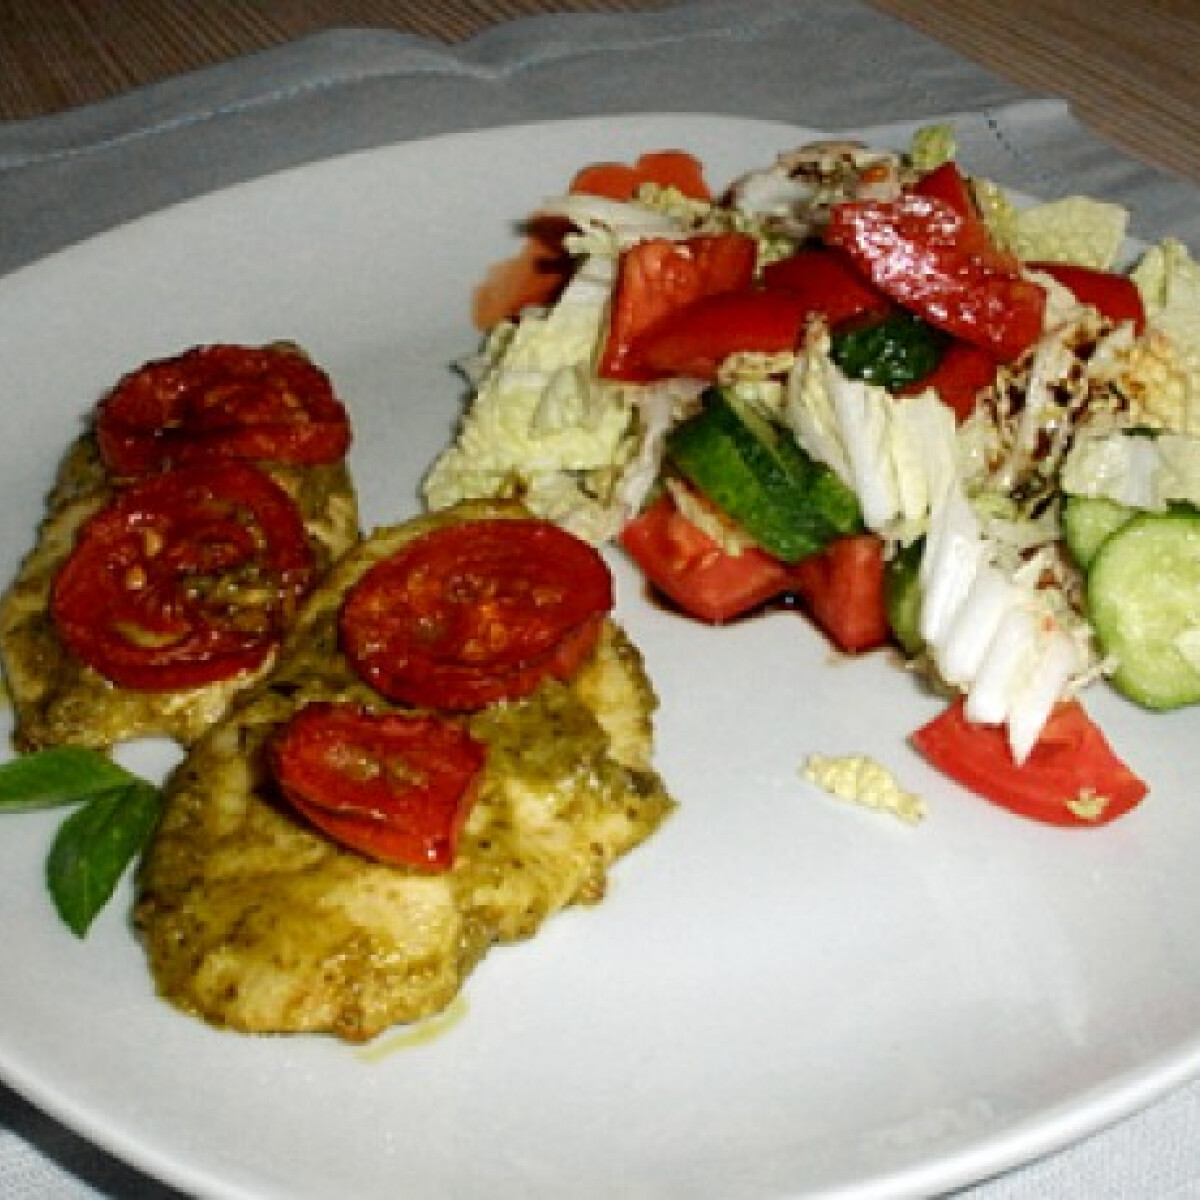 Pesto-s csirke salátával